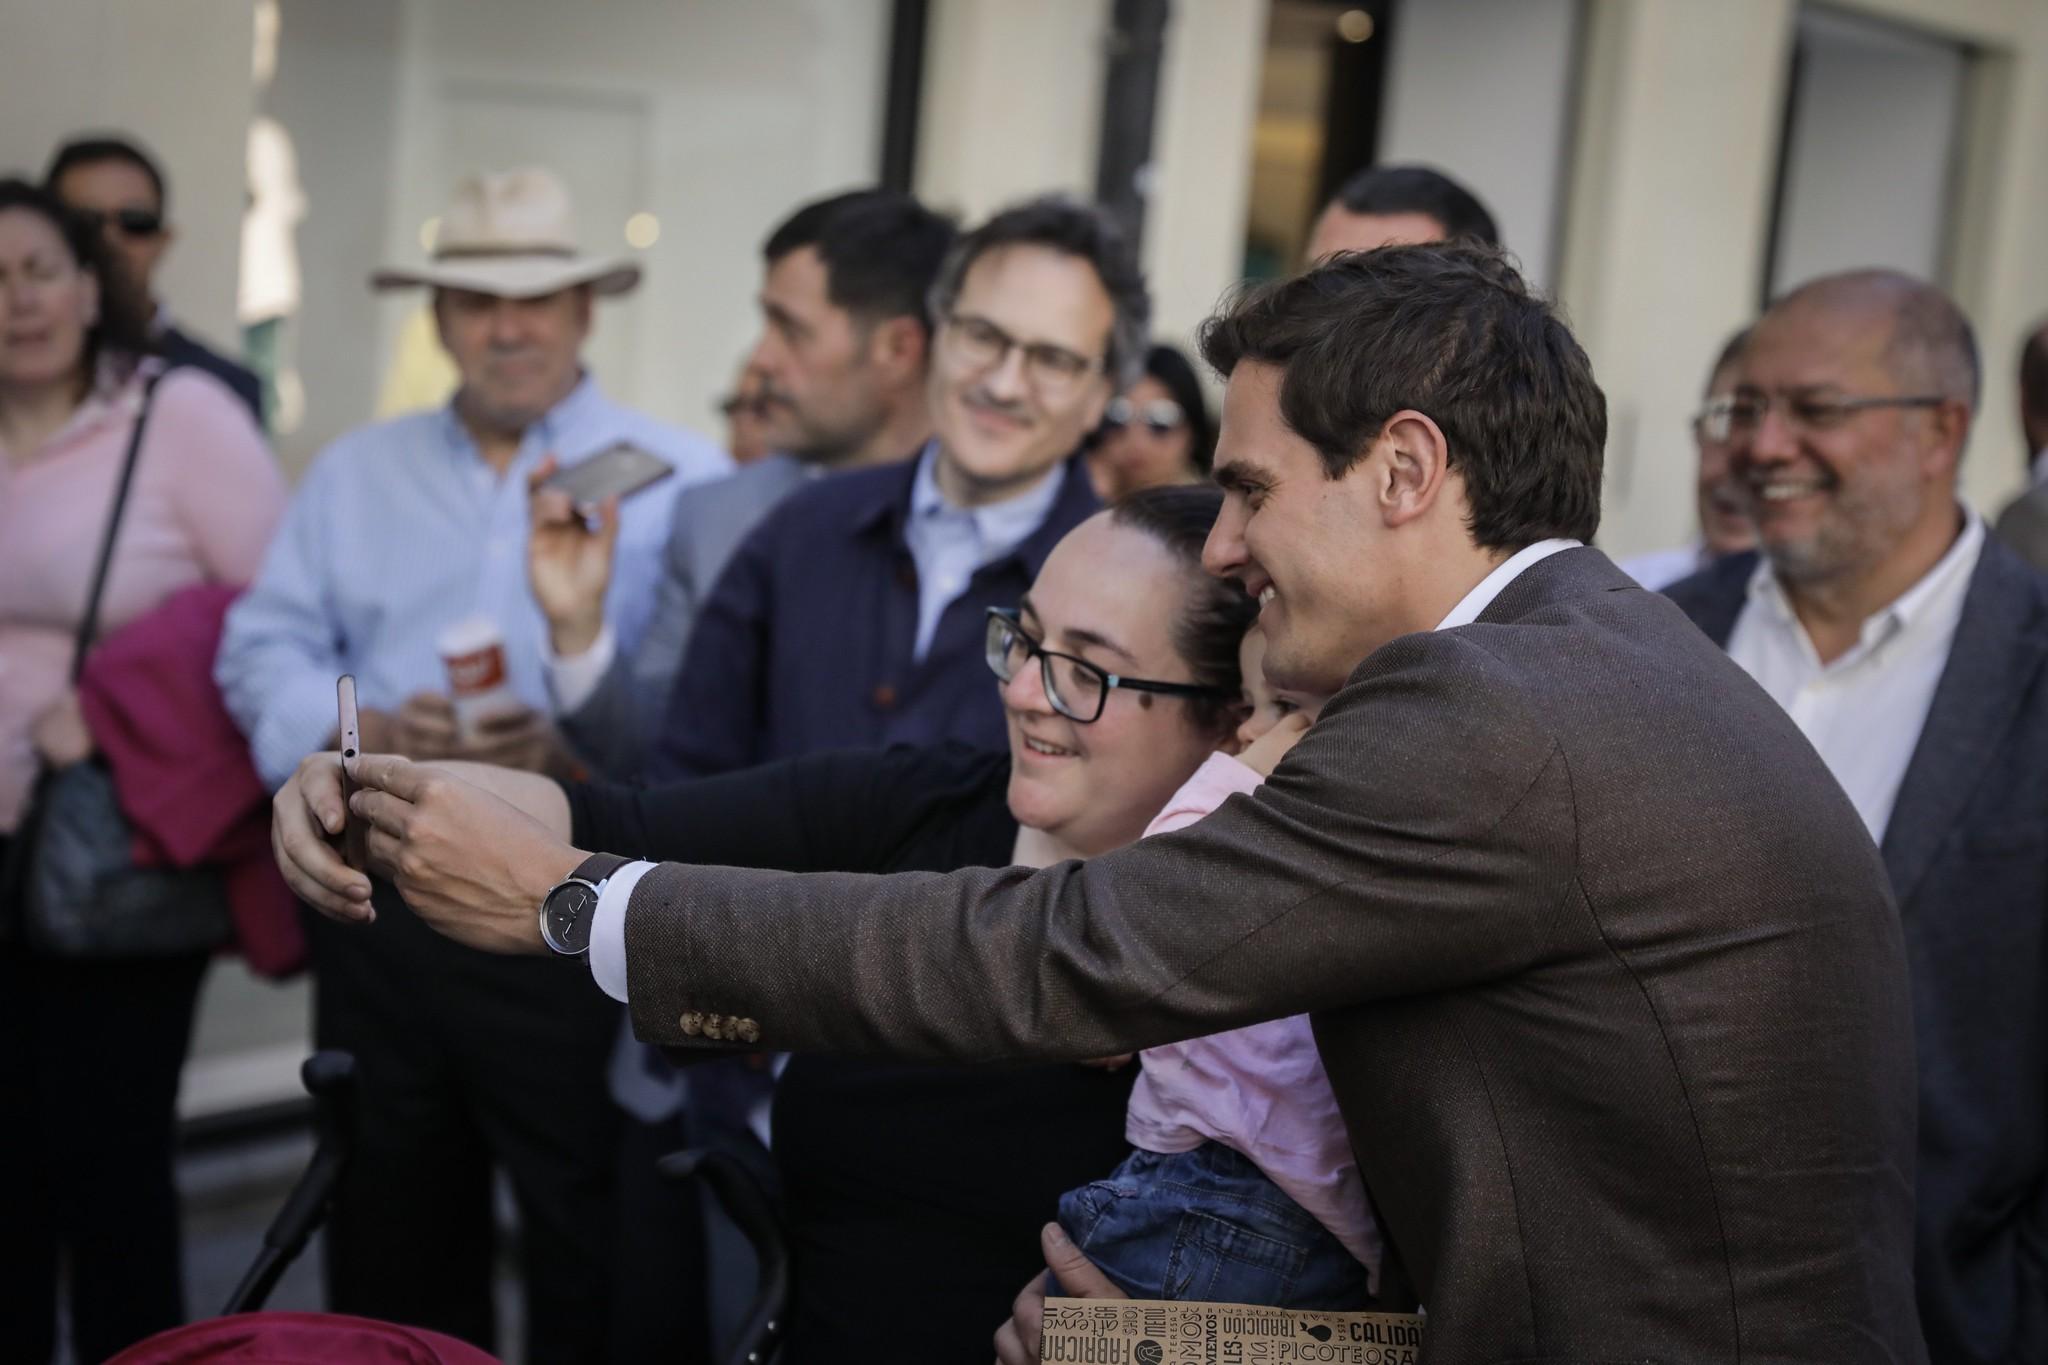 París corrige a Rivera, que llevaba días diciendo que había ganado las elecciones en Francia y que allí es Presidente